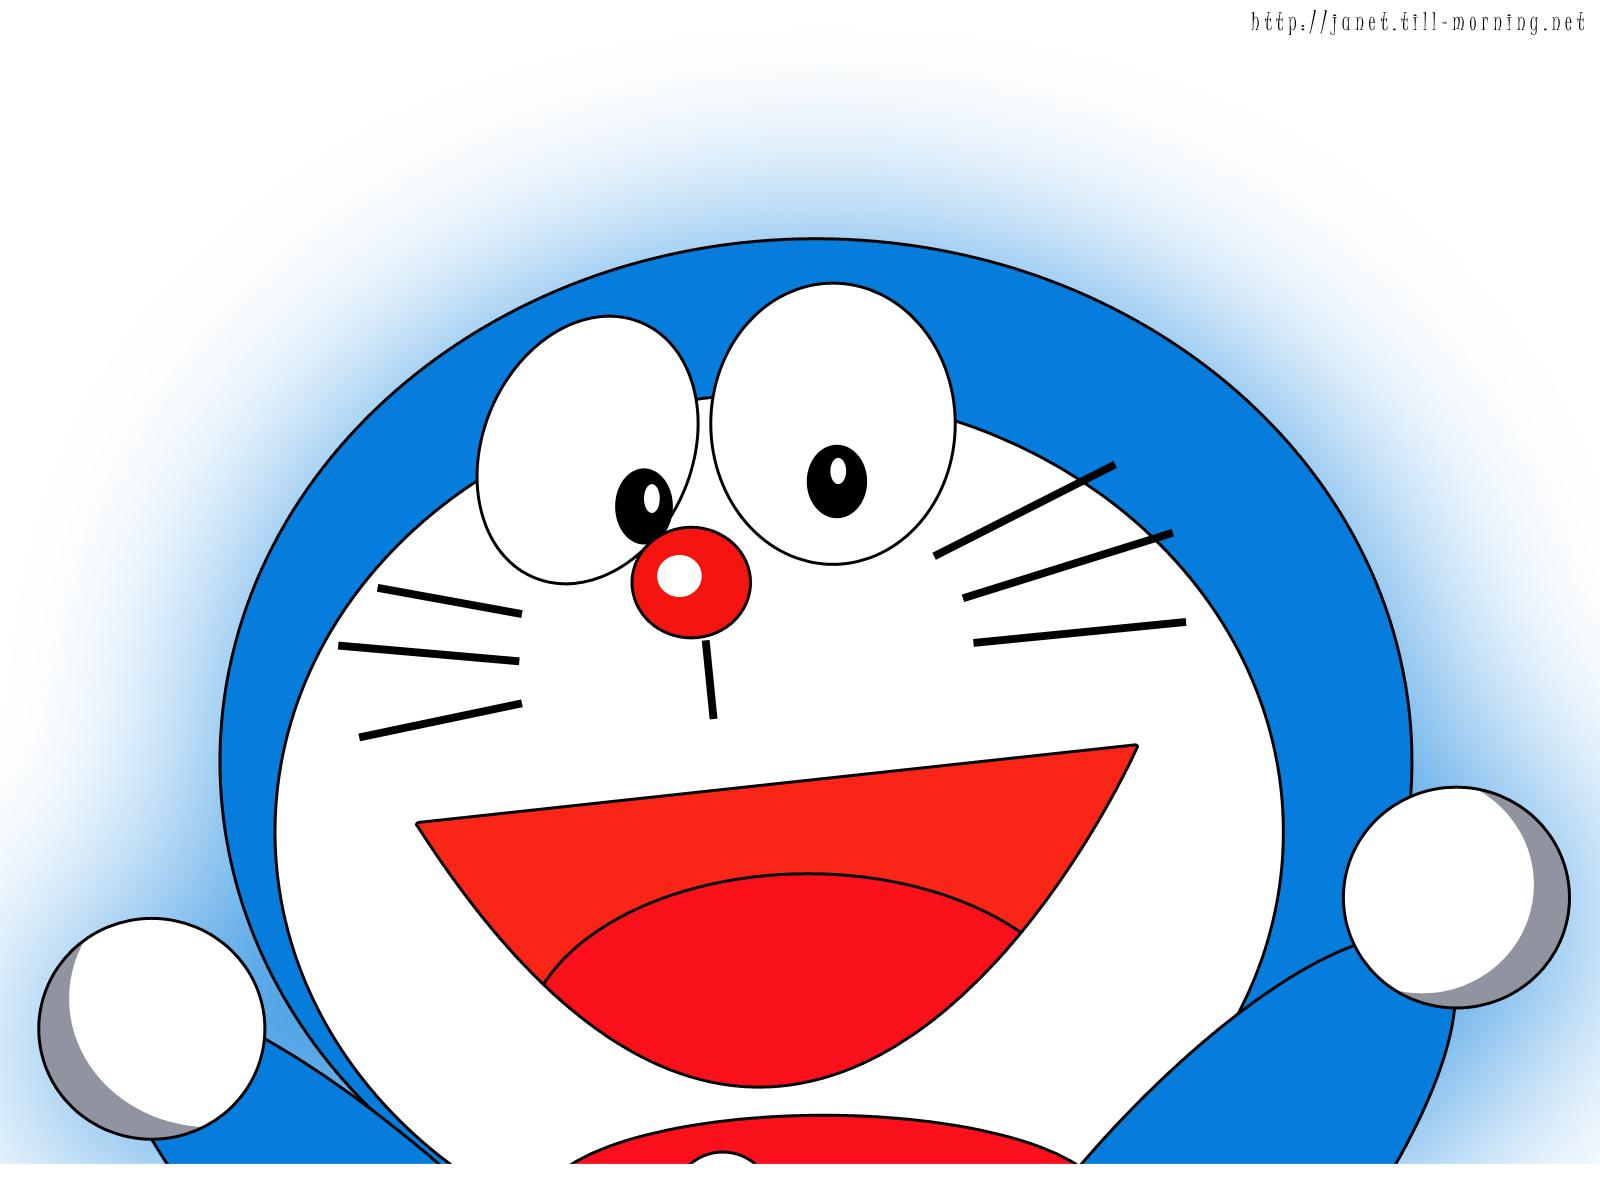 Download wallpaper doraemon free - Happy Doraemon Doraemon In Snowland Doraemon And Friends At Their